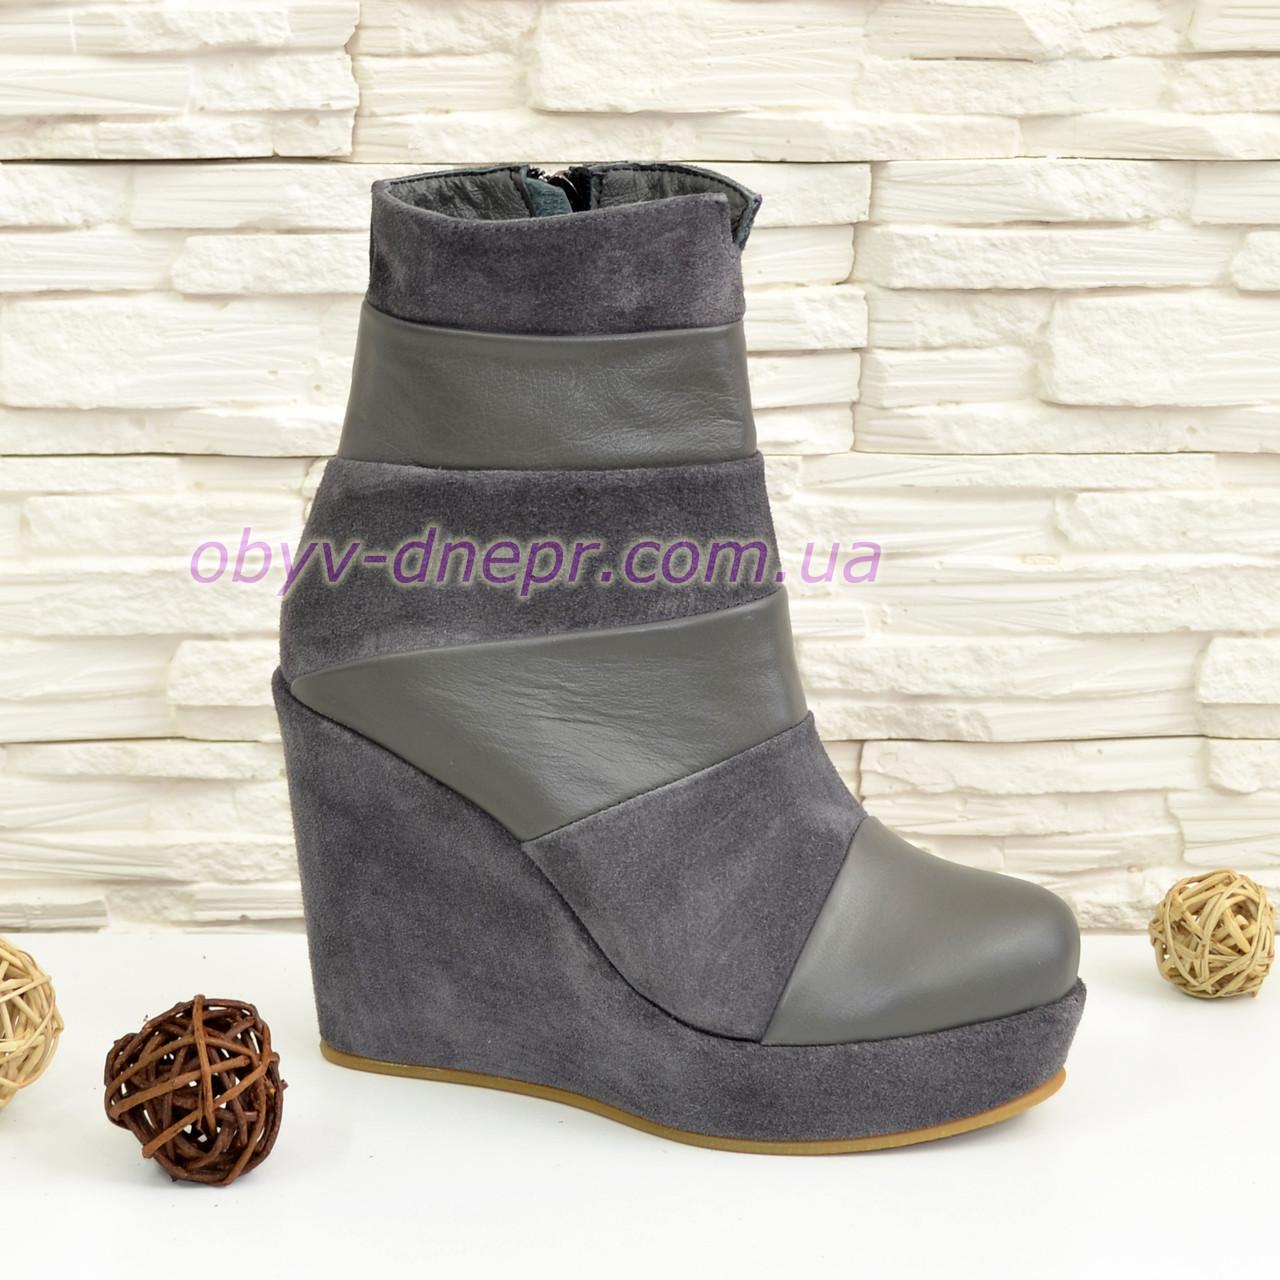 Женские демисезонные ботинки на высокой платформе, натуральная замша и кожа серого цвета